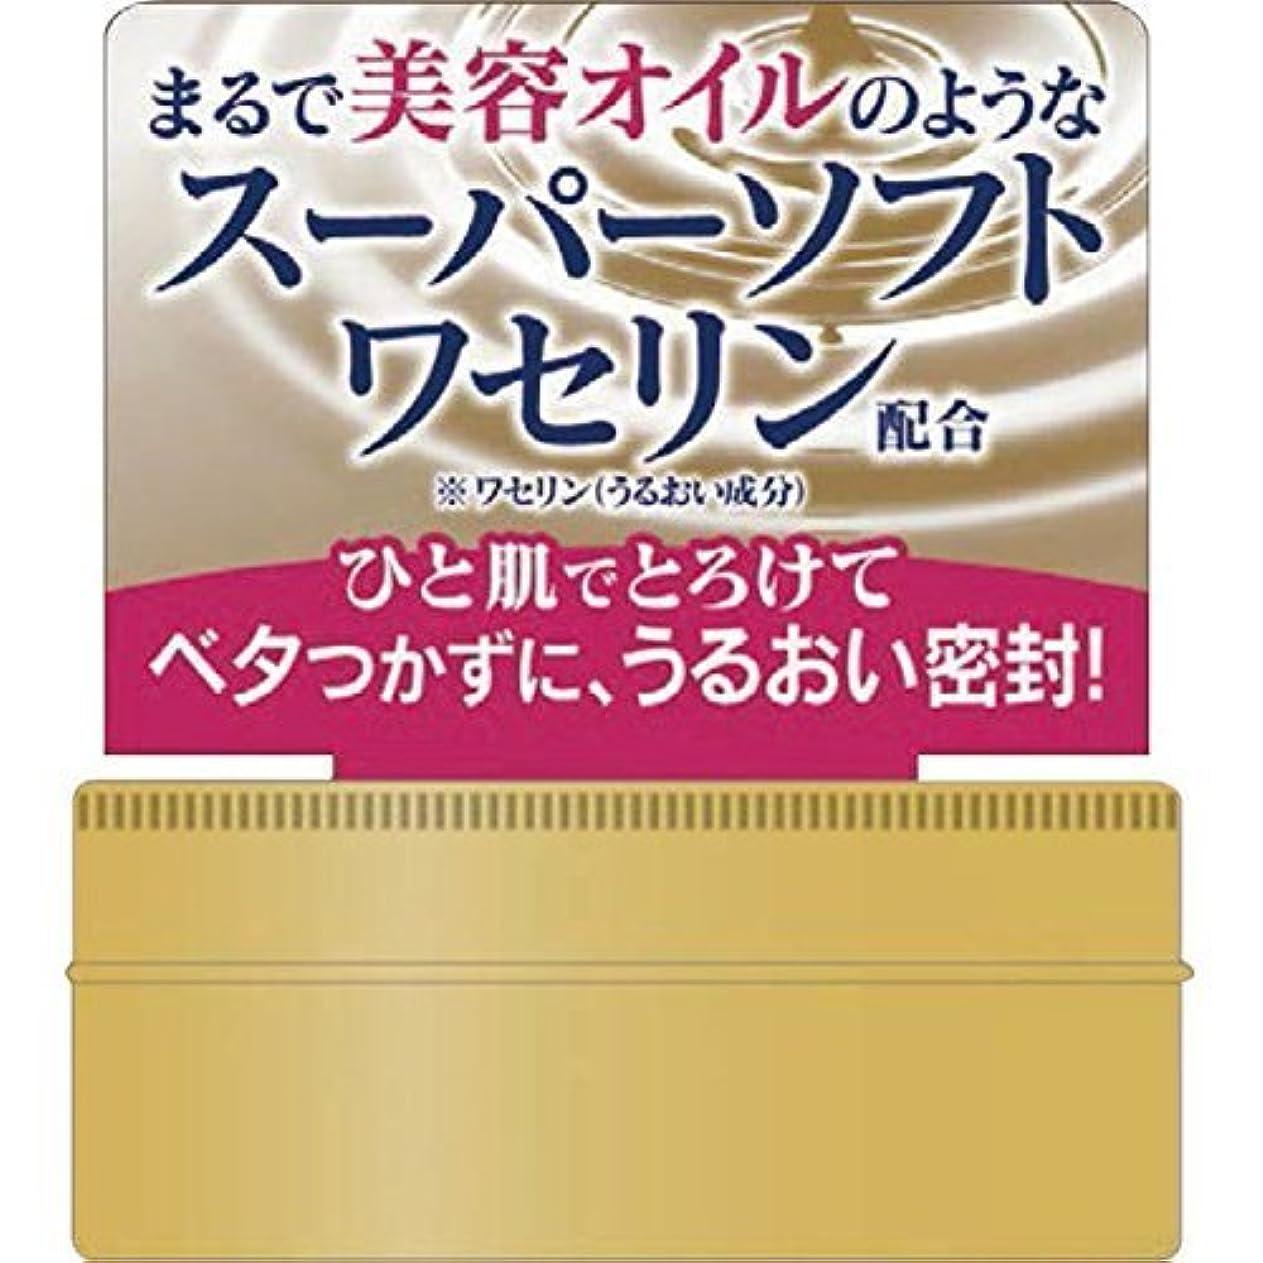 セーブ用語集配列肌研(ハダラボ) 極潤プレミアム ヒアルロンオイルジェリー × 24個セット